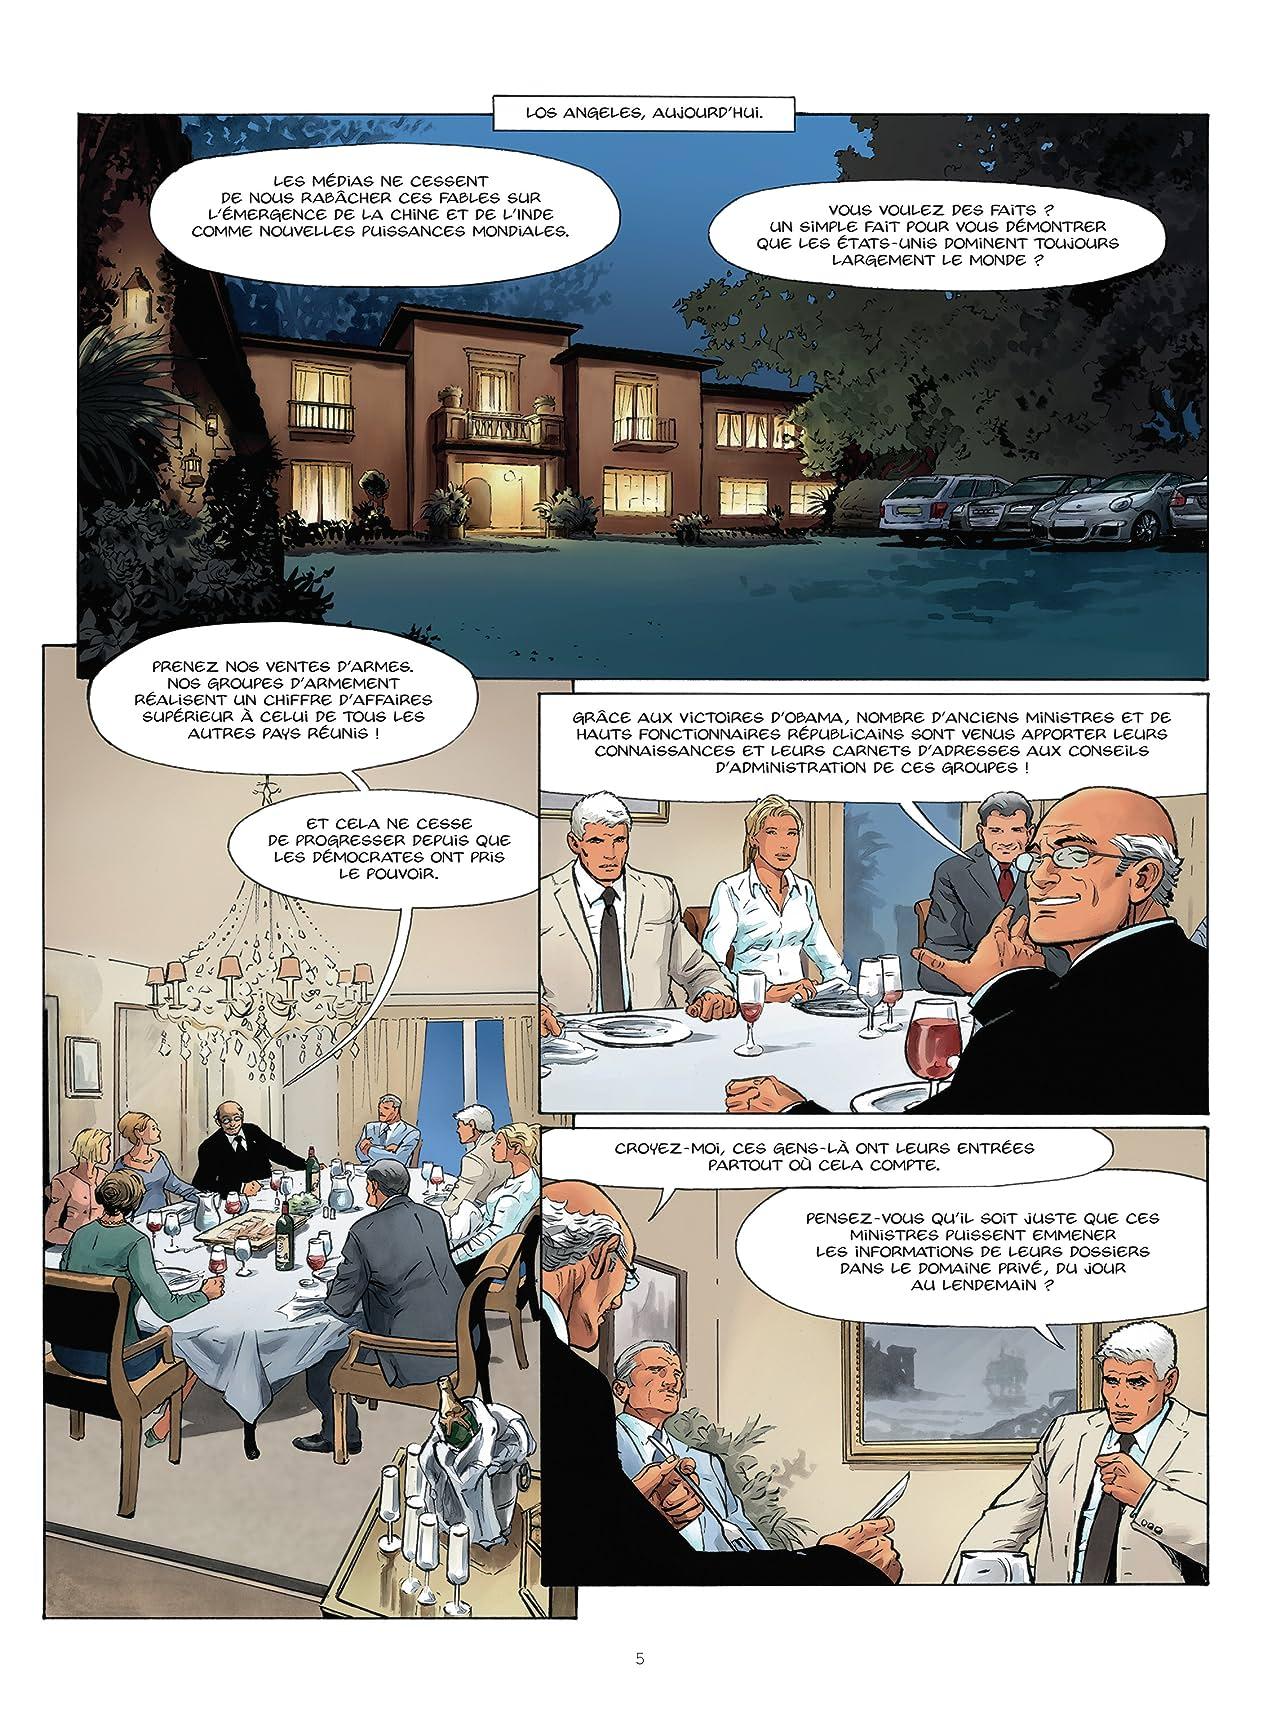 I.R.$. Vol. 15: Plus-values sur la Mort